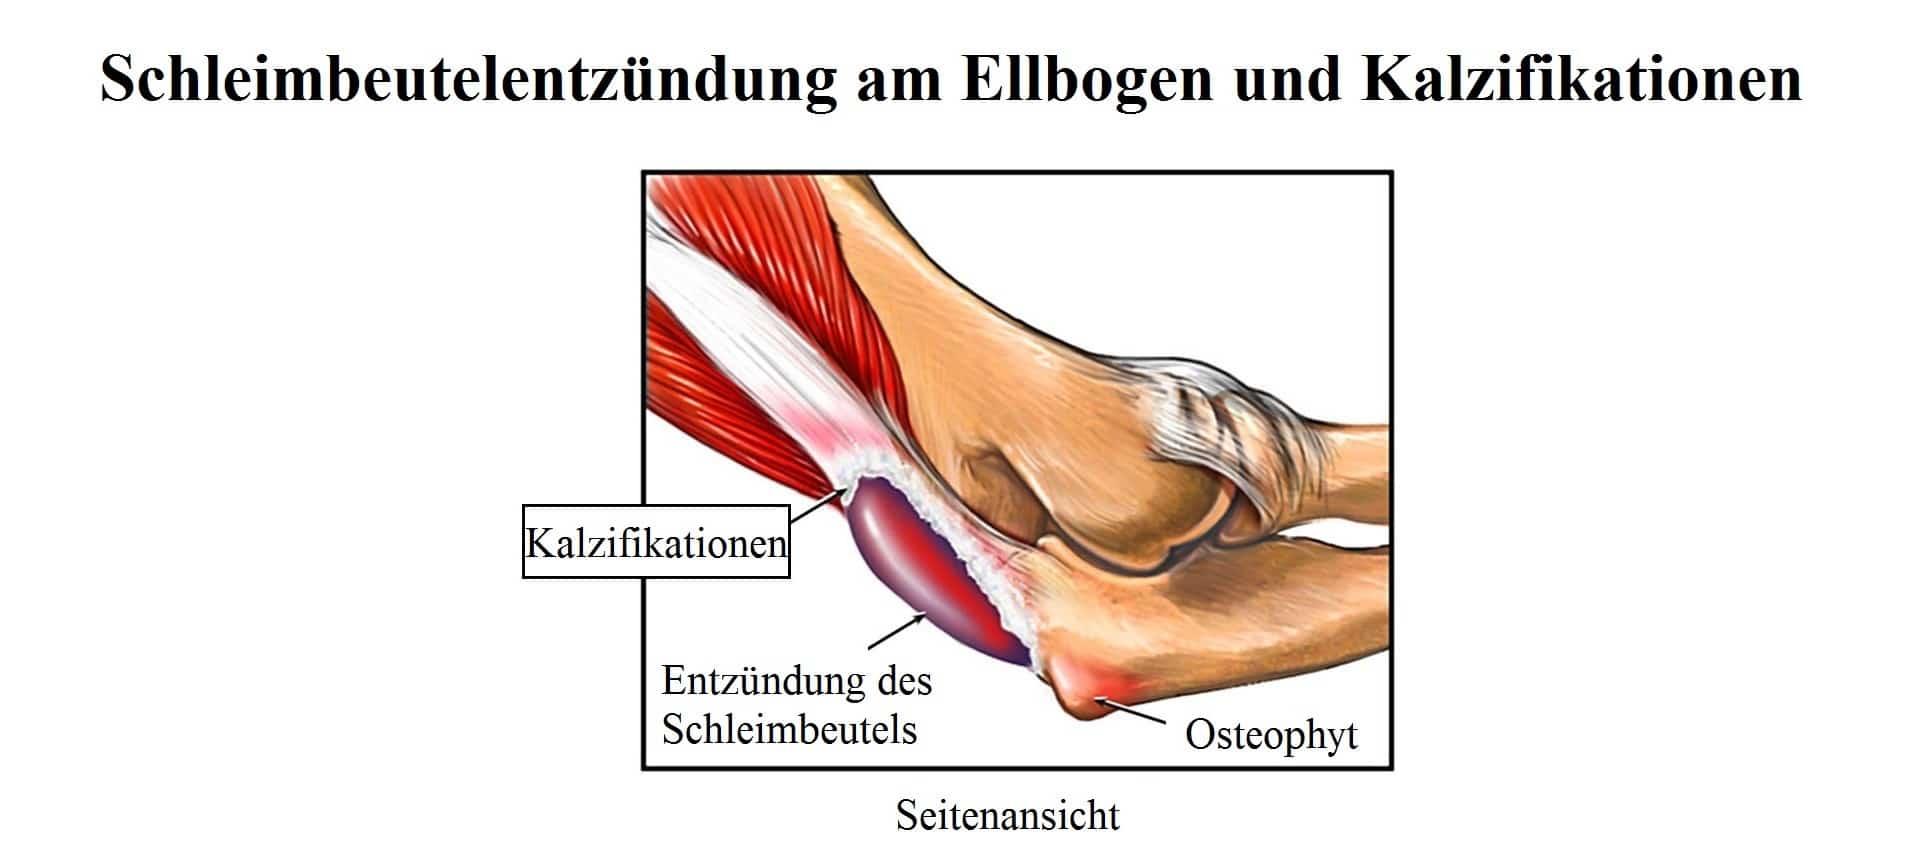 Schleimbeutelentzündung des Ellbogens, Symptome, Schleimbeutel ...